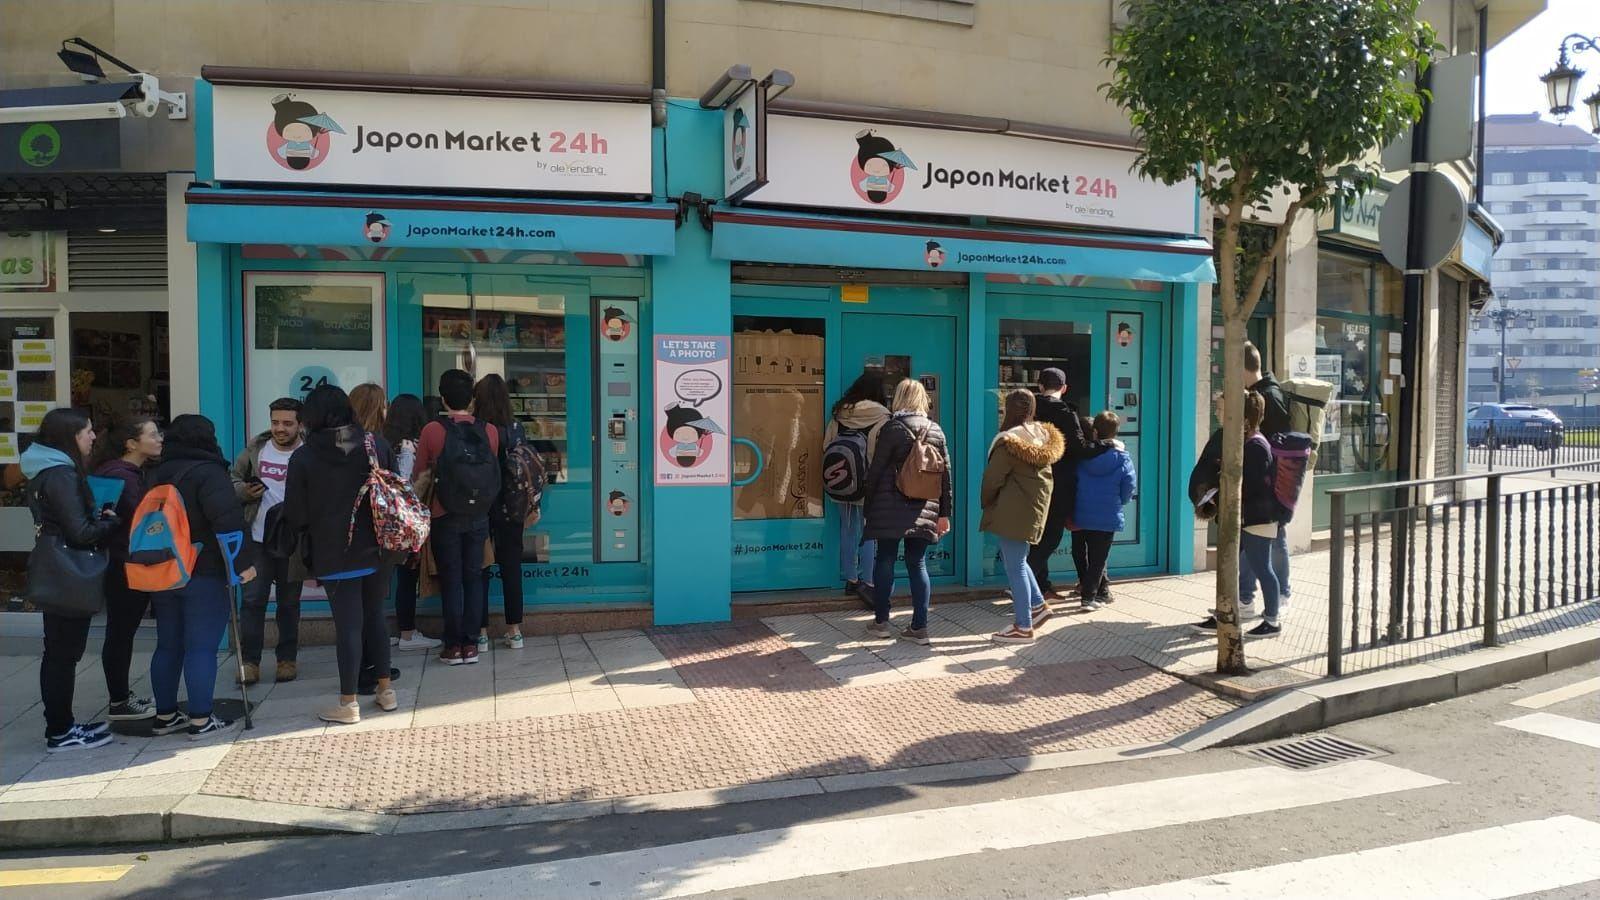 Así es la nueva casa de Villa.Máquinas expendedoras de comida japonesa en Oviedo